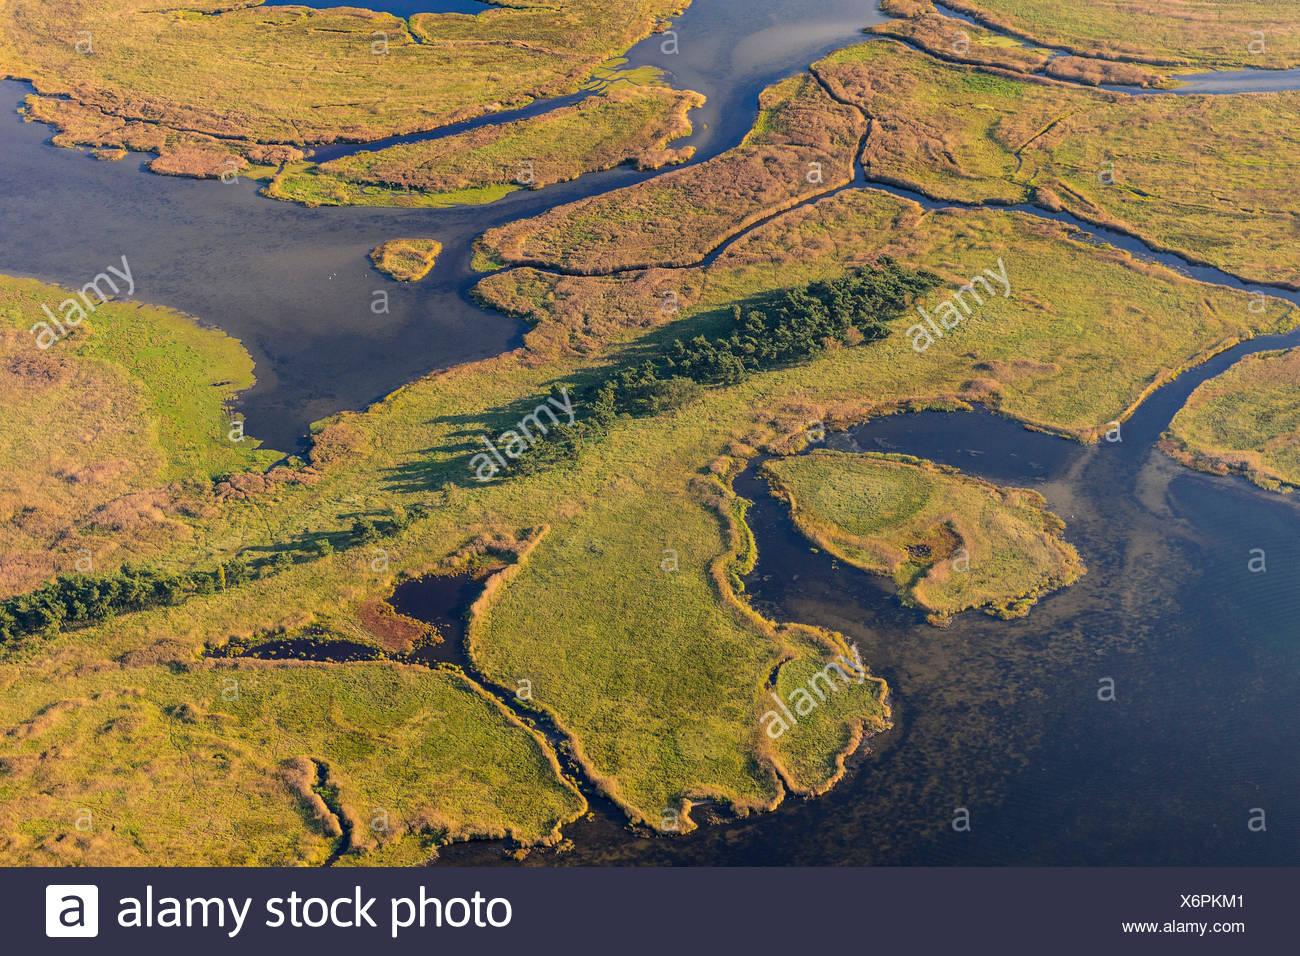 Kleine Werderinseln, Fischland-Darss-Zingst, national park Vorpommersche Boddenlandschaft, Mecklenburg-Western Pommerania, Deutschland - Stock Image